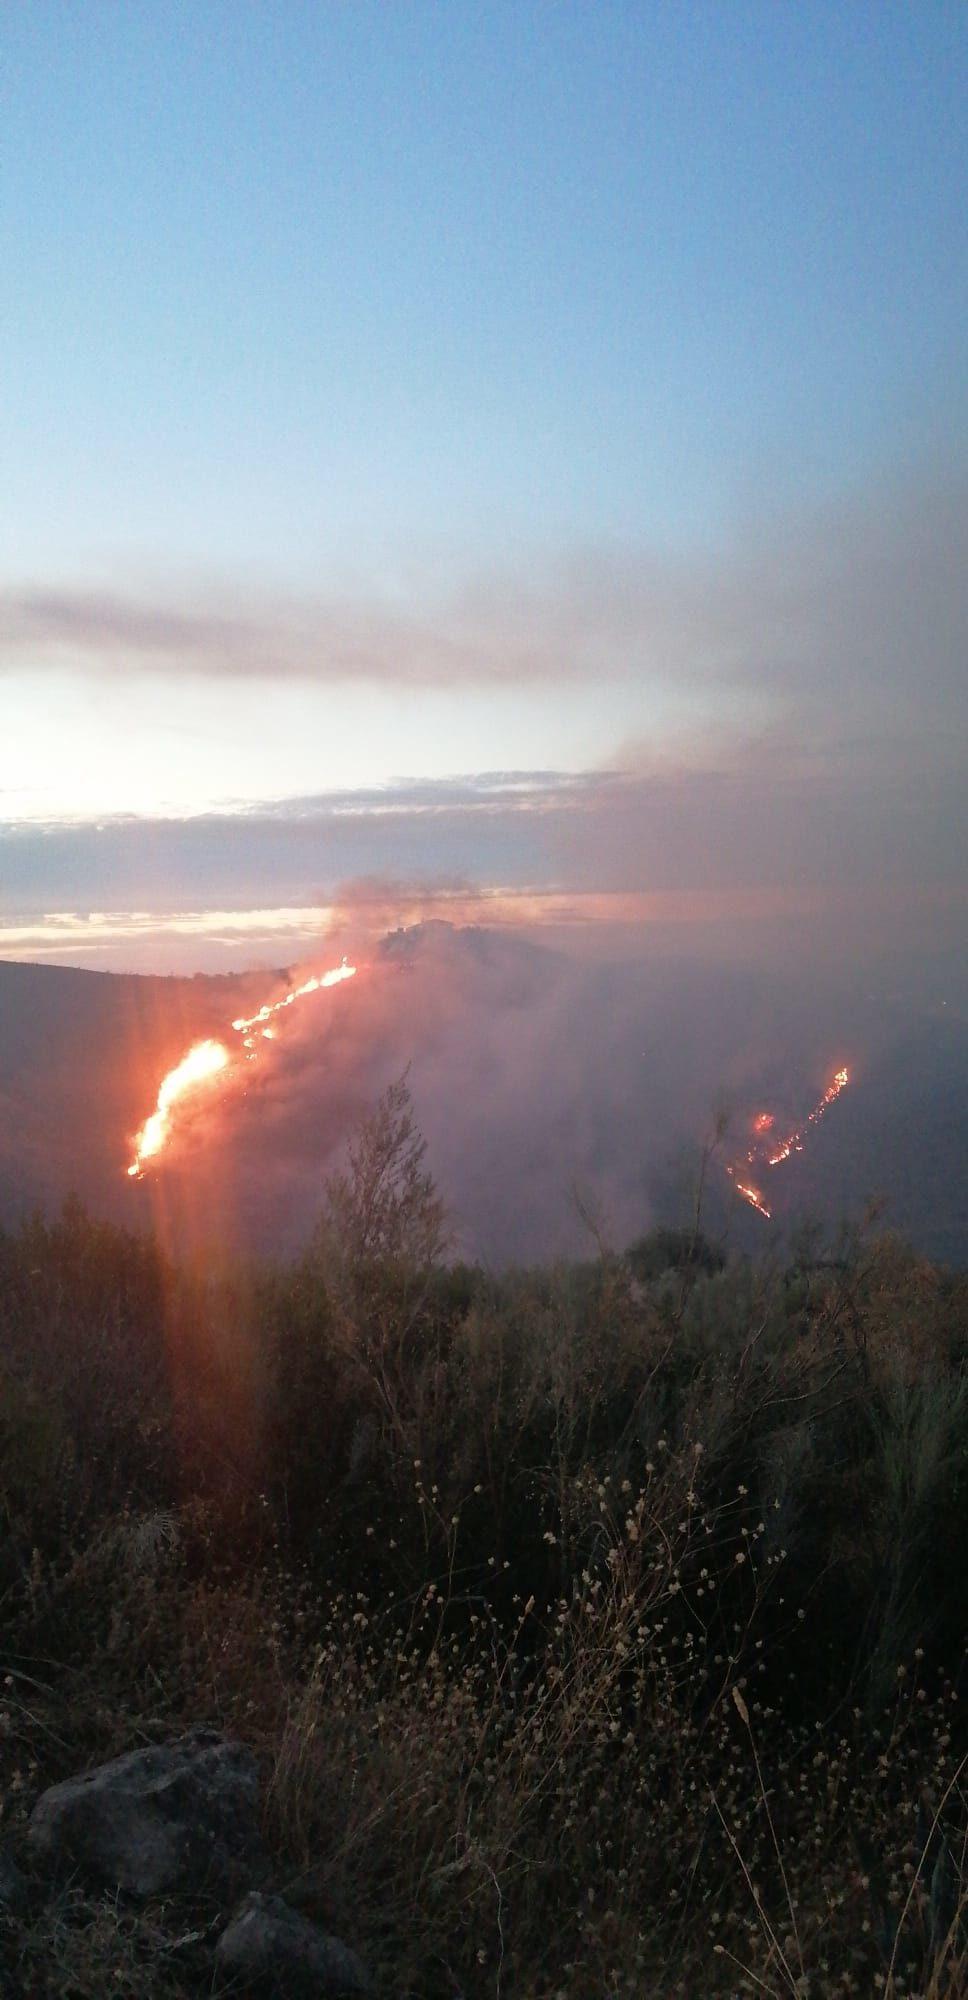 El incendio de Colmenar ha sido estabilizado y los vecinos regresan a casa.